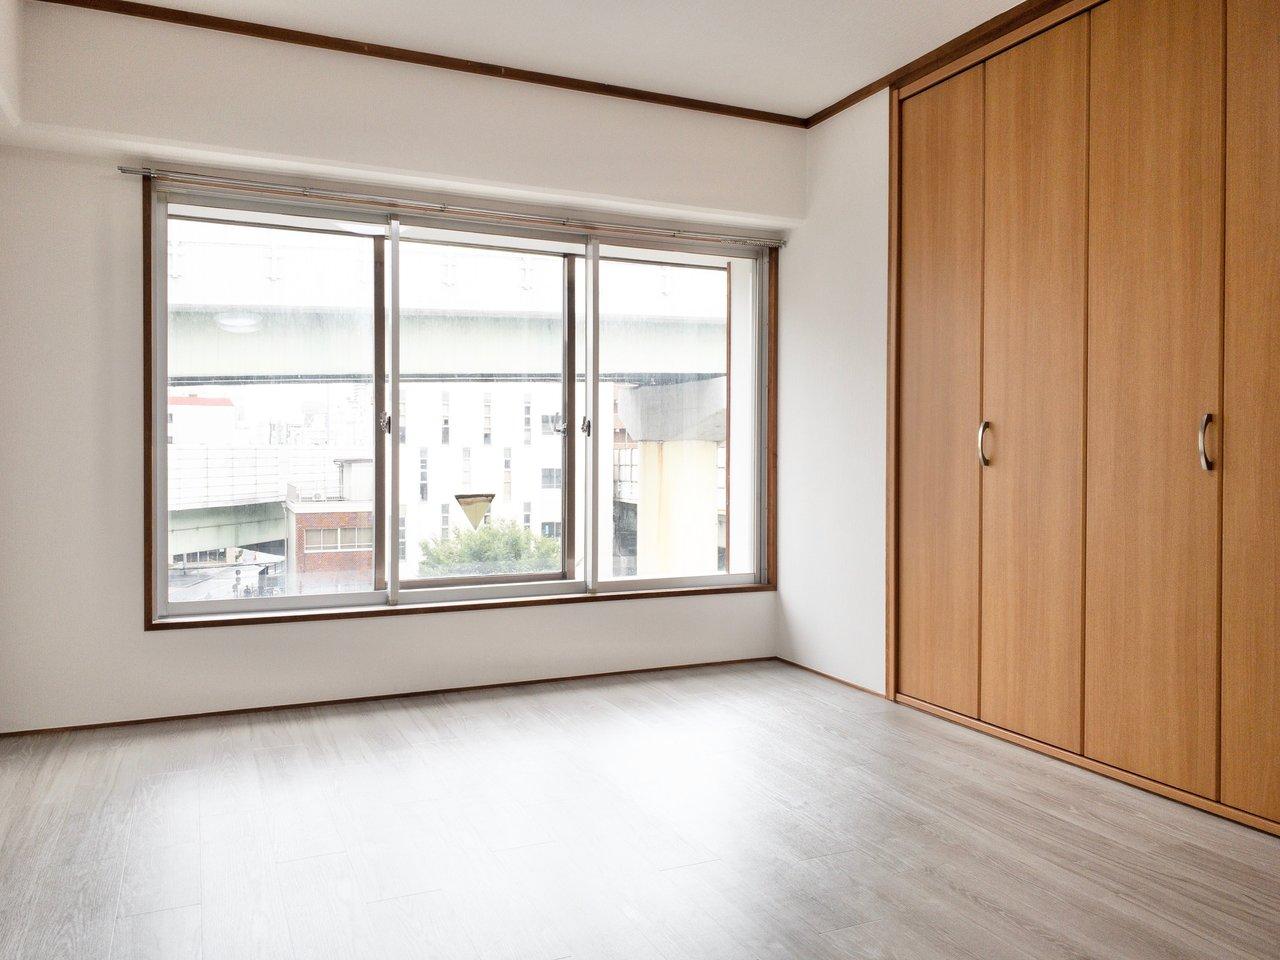 道路側の個室には大きなクローゼットと大きな窓。窓は二重になっているので、騒音も気にならなさそうです。